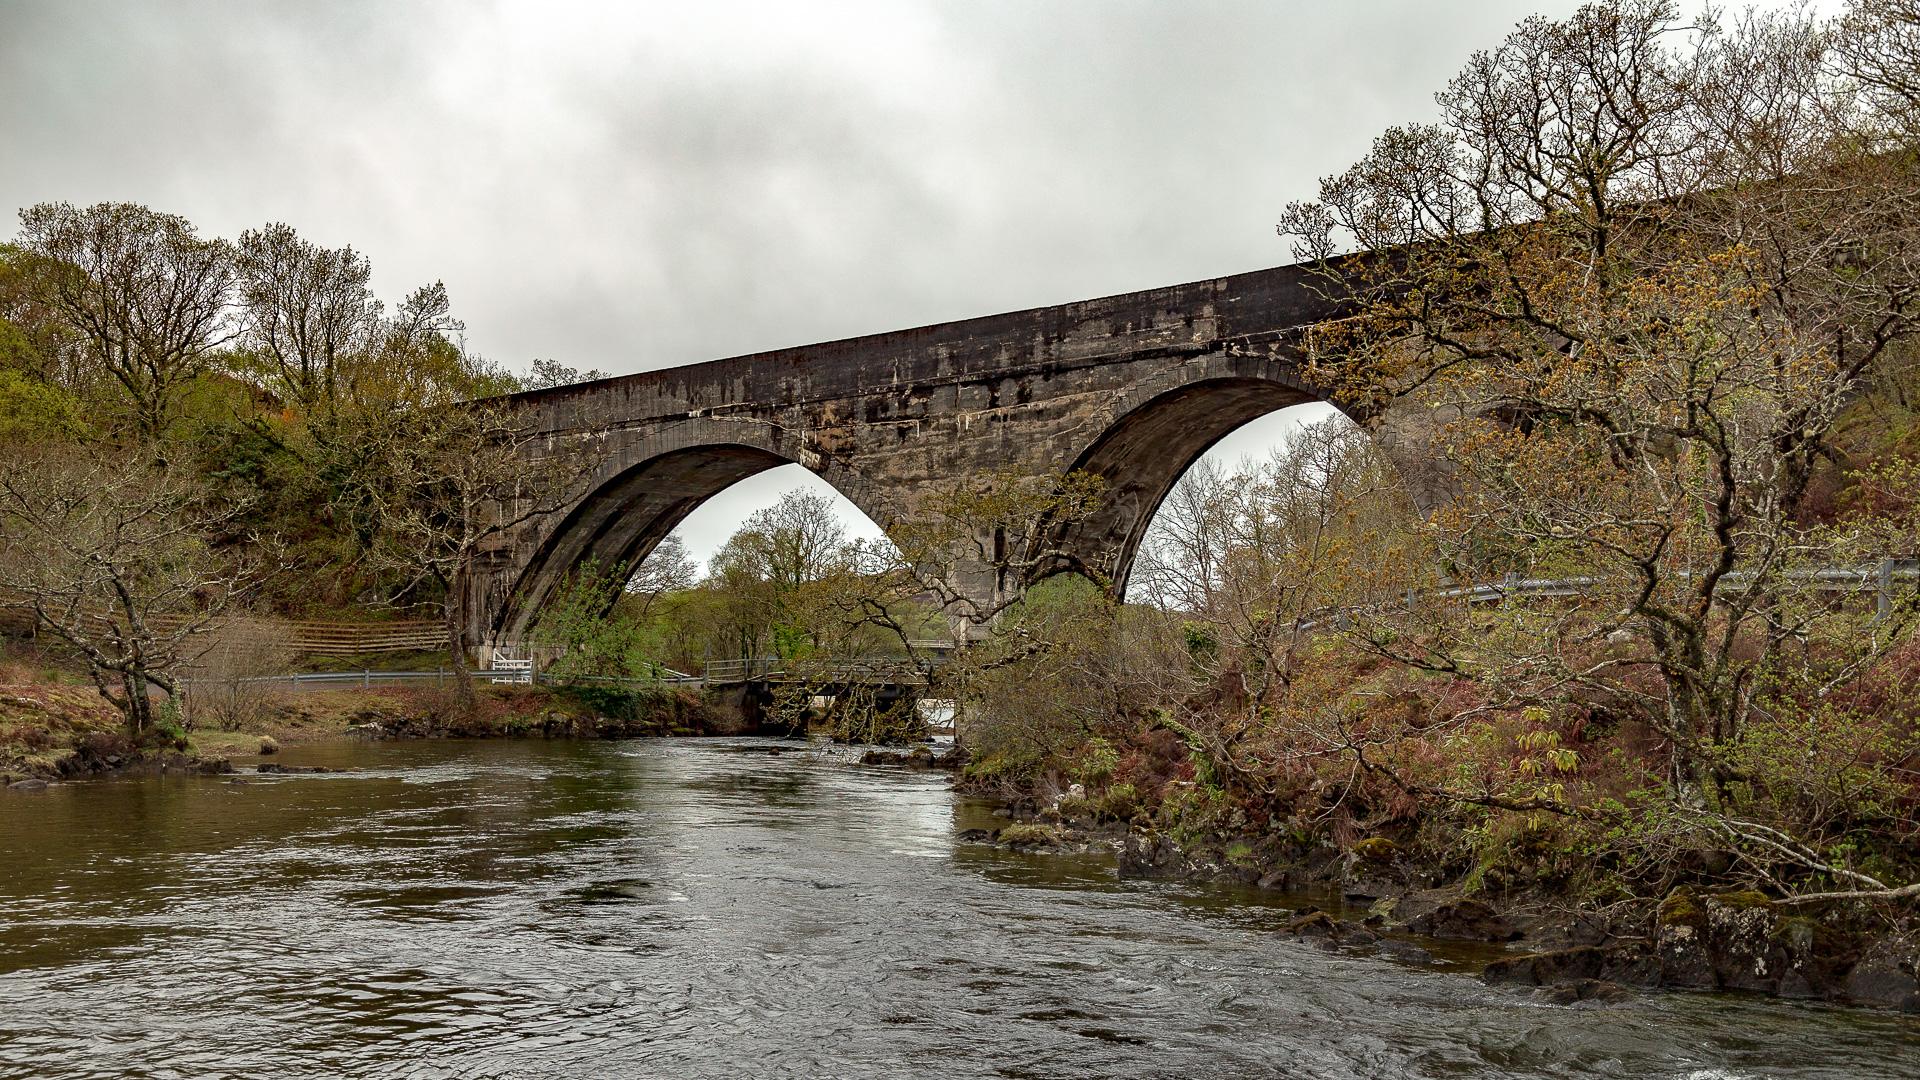 Das Eisenbahn-Viadukt über den Fluss Morar